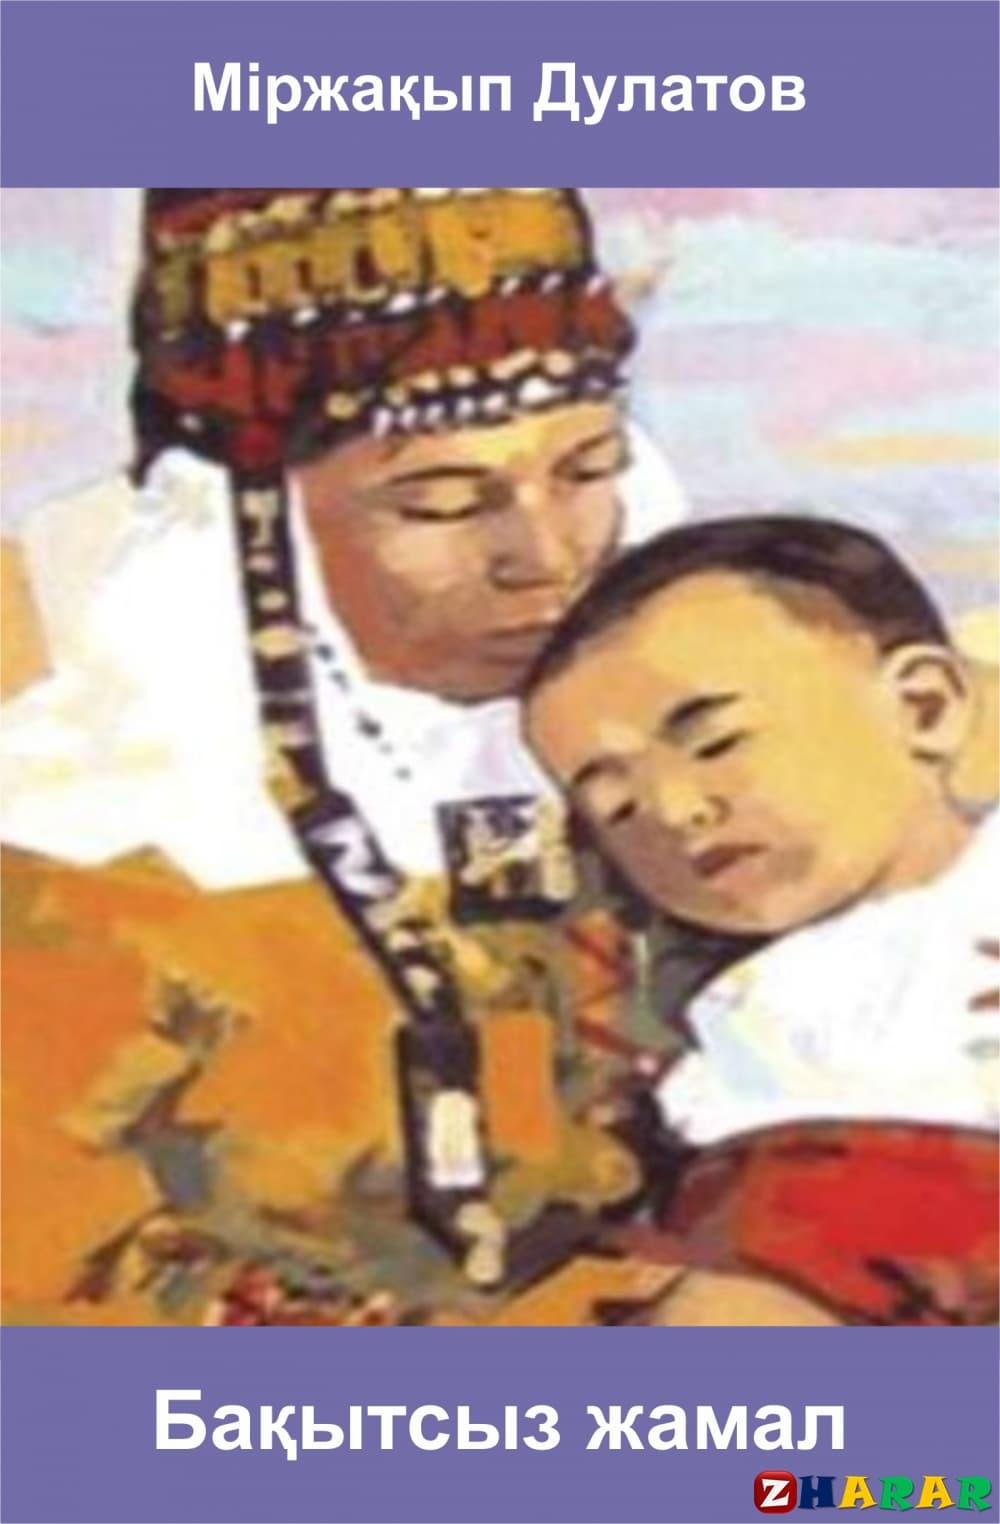 Қазақ әдебиетінен сабақ жоспары: Дулатов «Бақытсыз Жамал» романы 4-сабақ (8 сынып, III тоқсан )